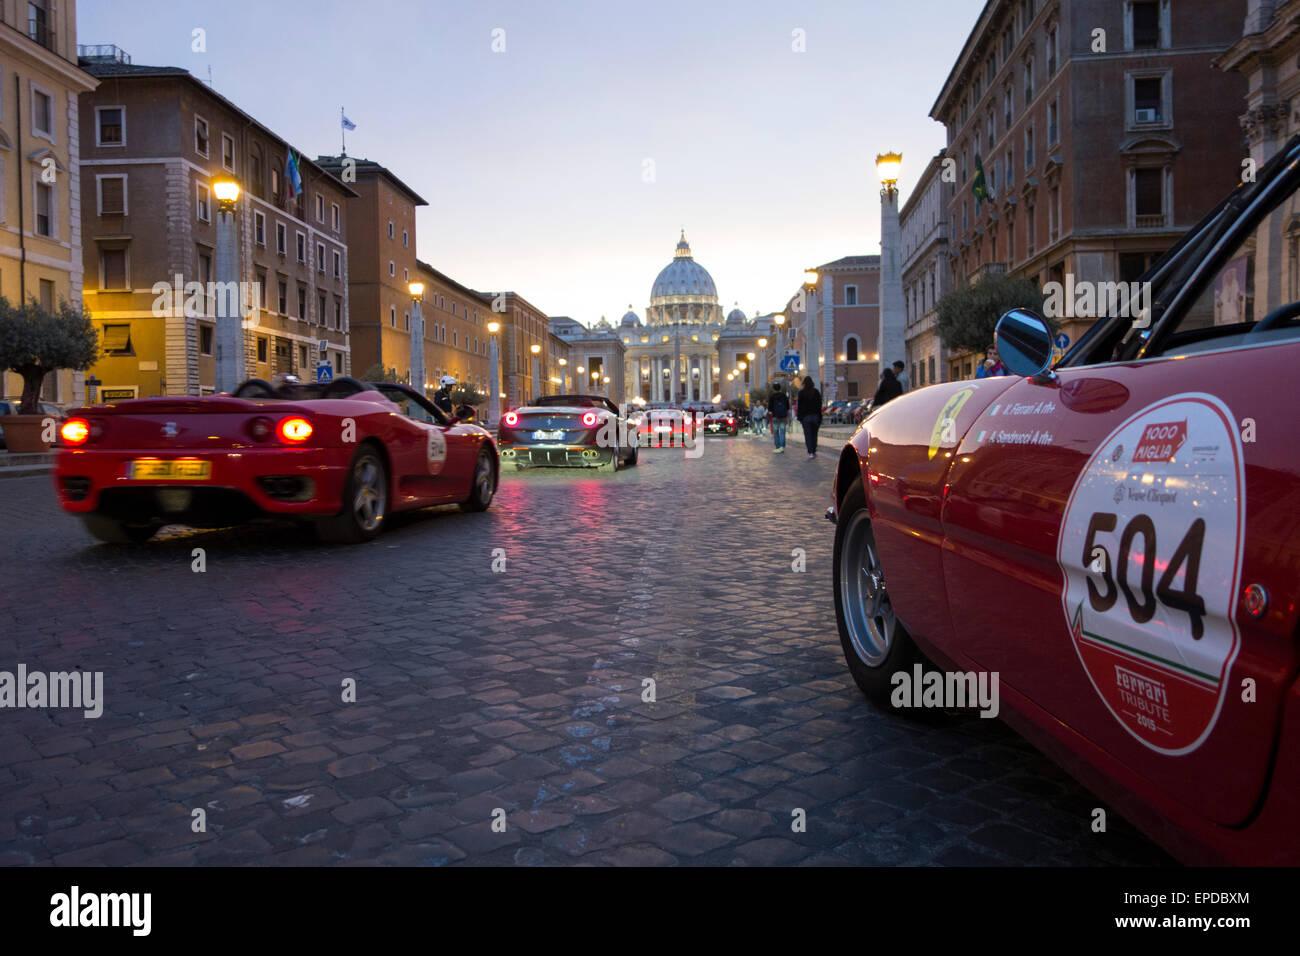 Rome. Italy. Cars taking part in the Mille Miglia classic car rally gather on Via della Conciliazione. - Stock Image